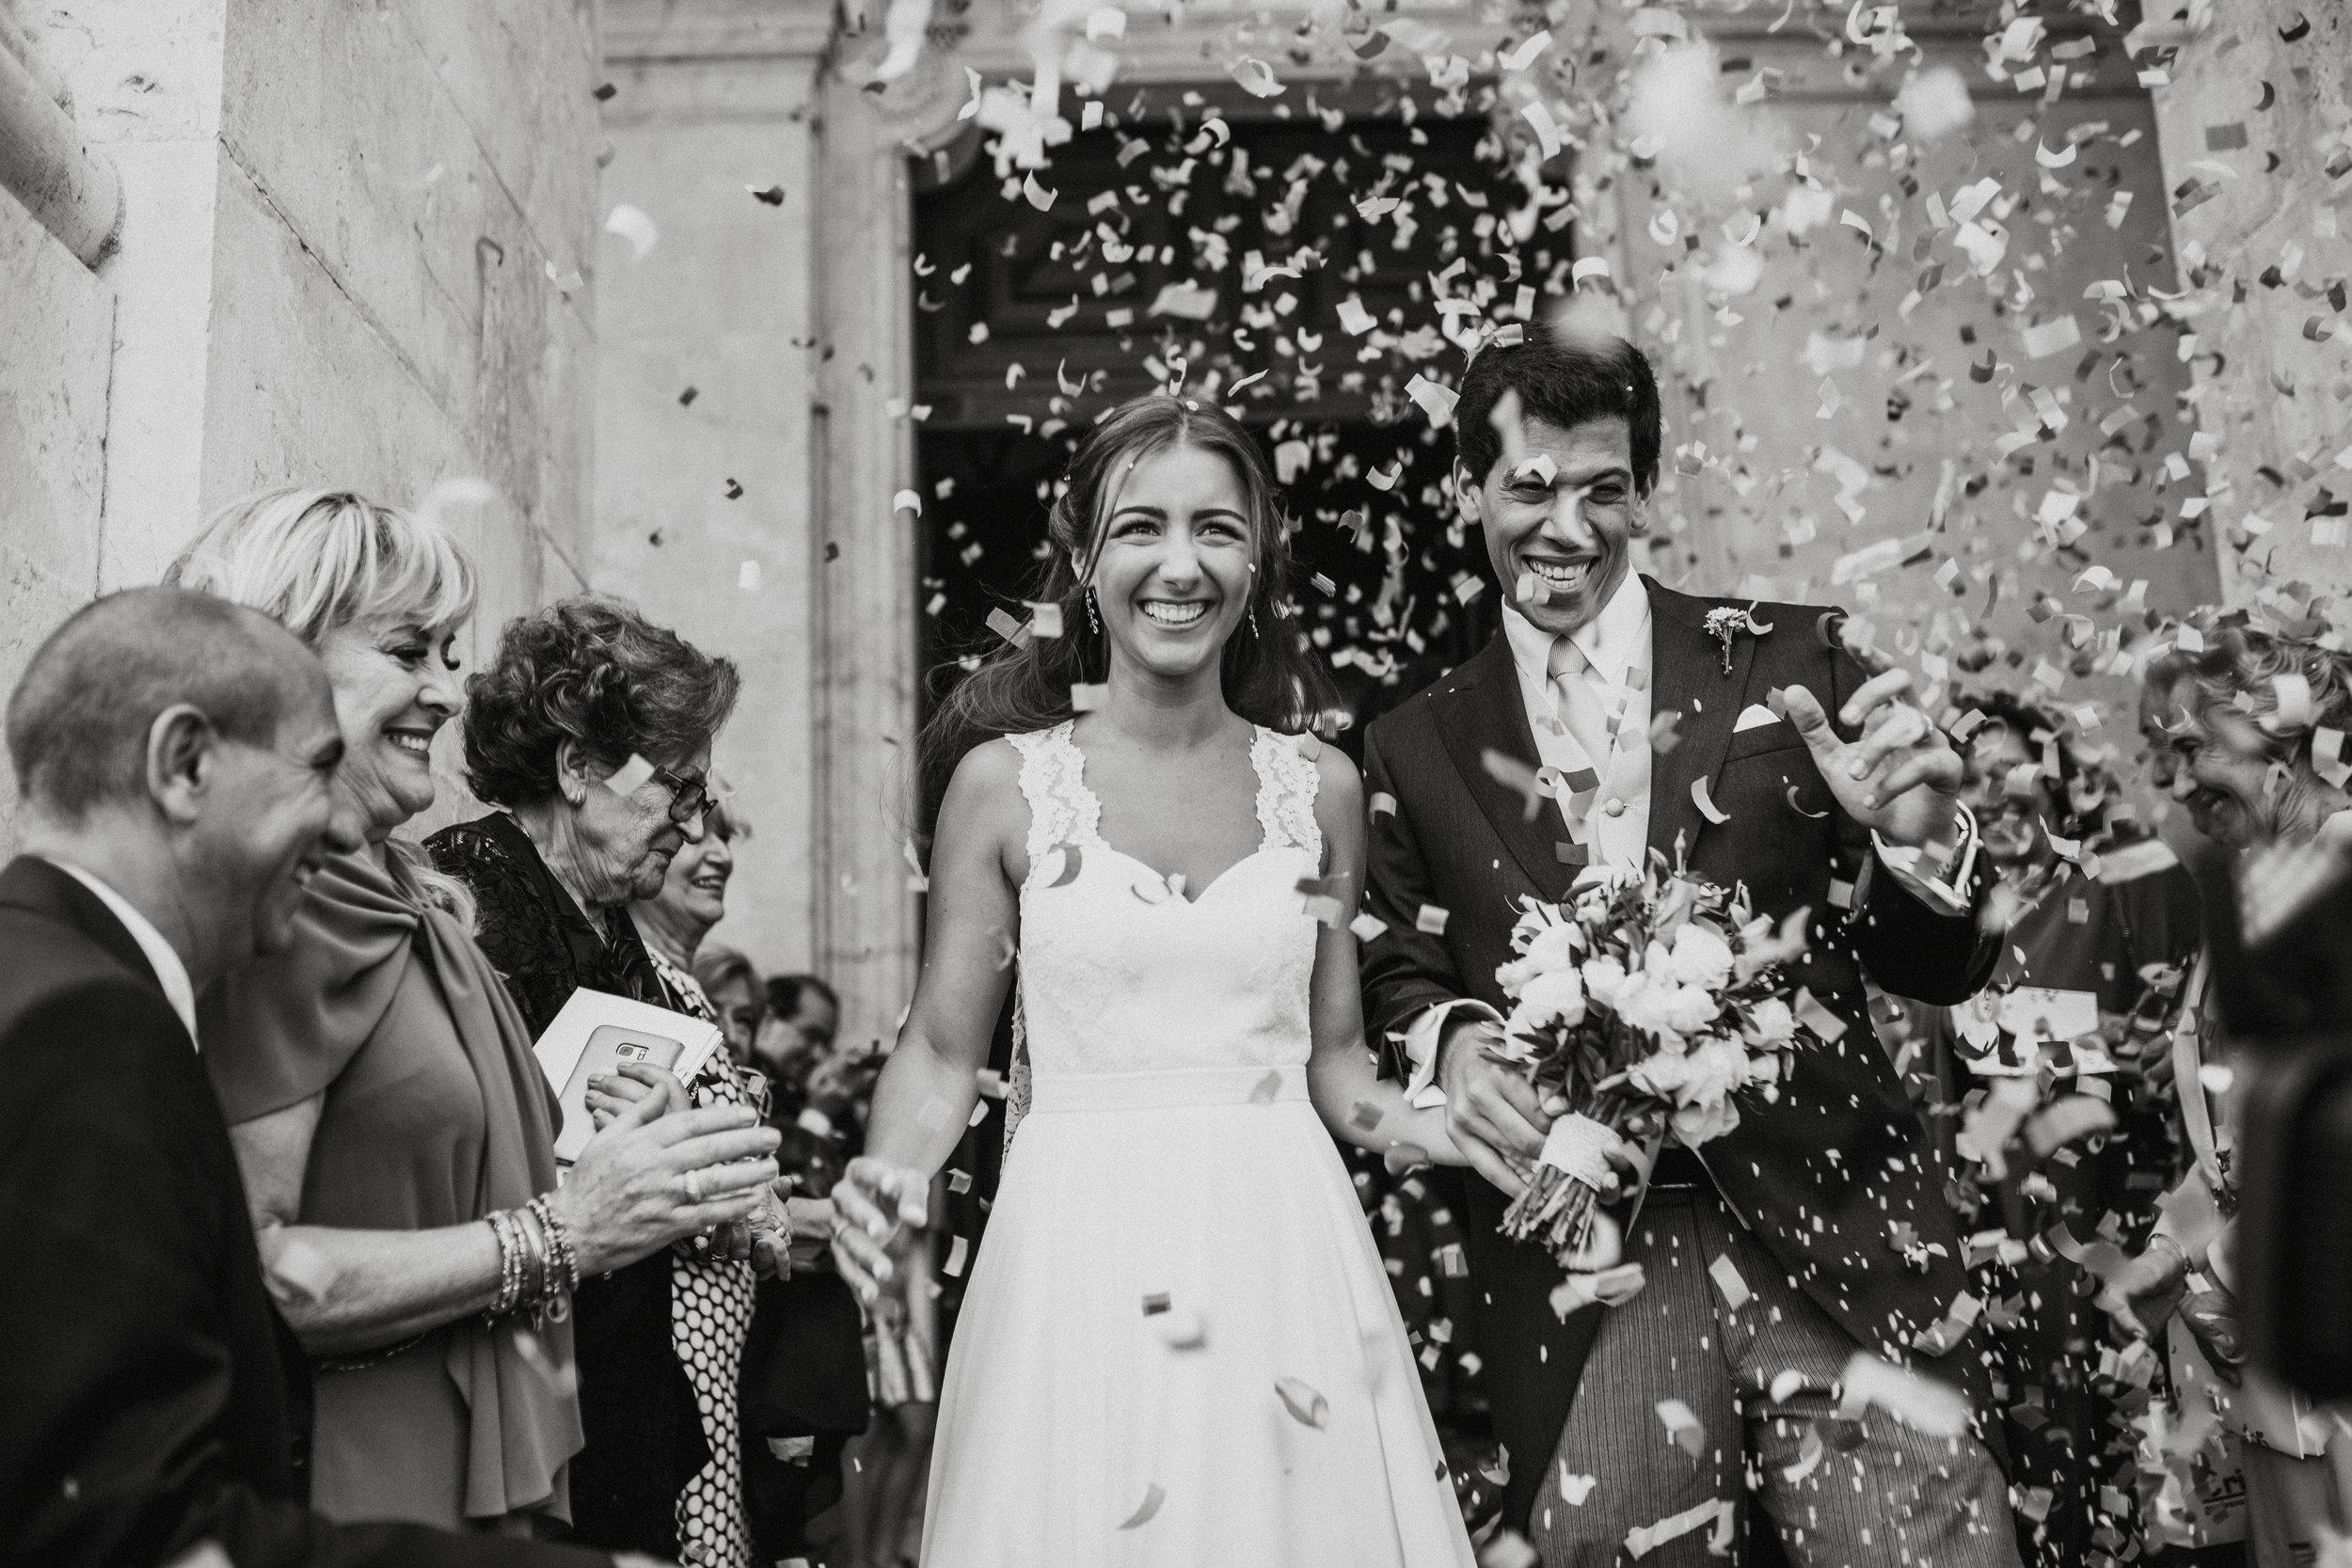 I&J_446_ 14_julho_2018 WEDDING DAY.jpg